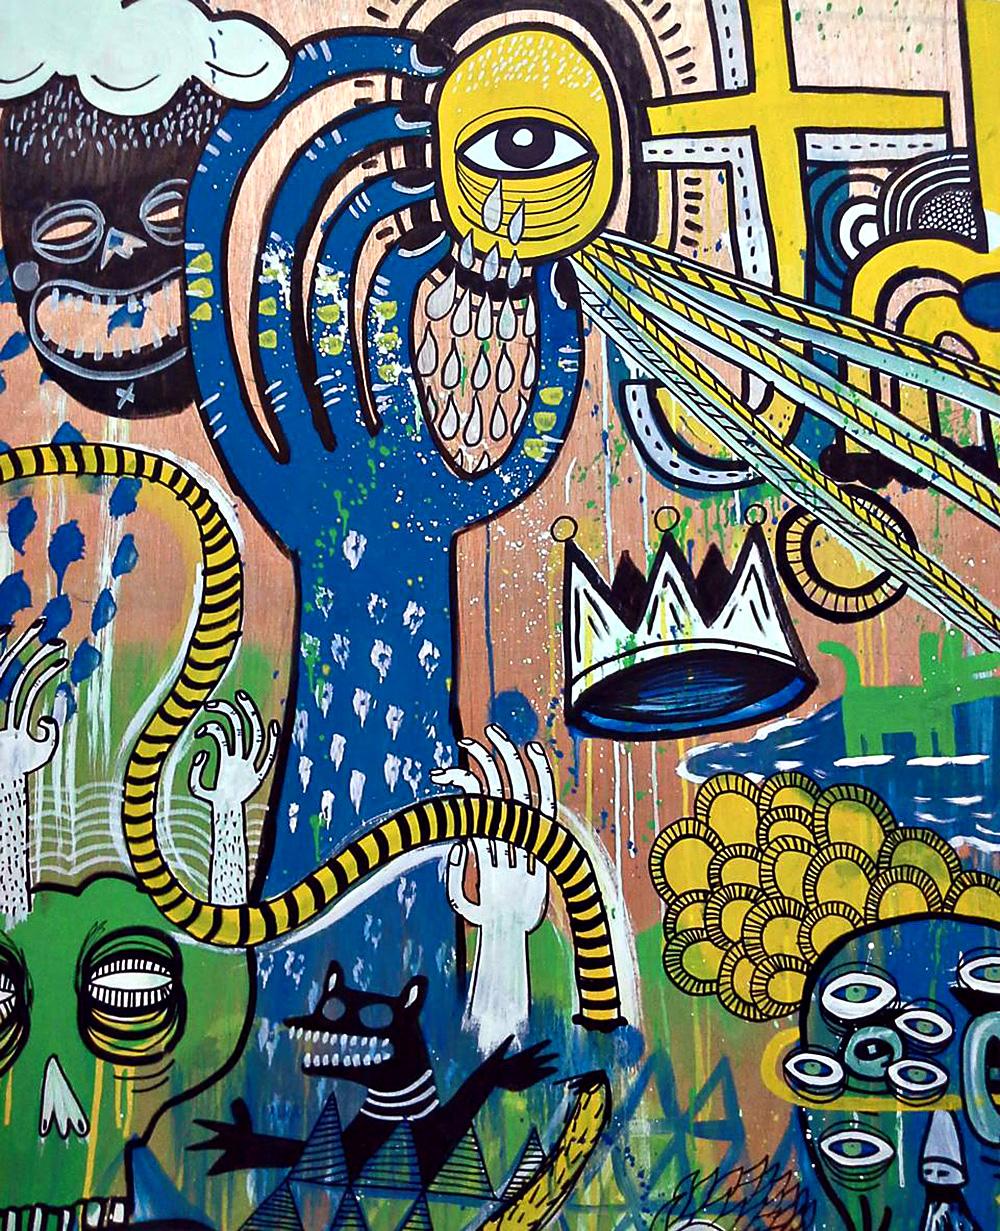 Cut By Demand 3#, עבודה בירוק, שחור, לבן, כחול וצהוב